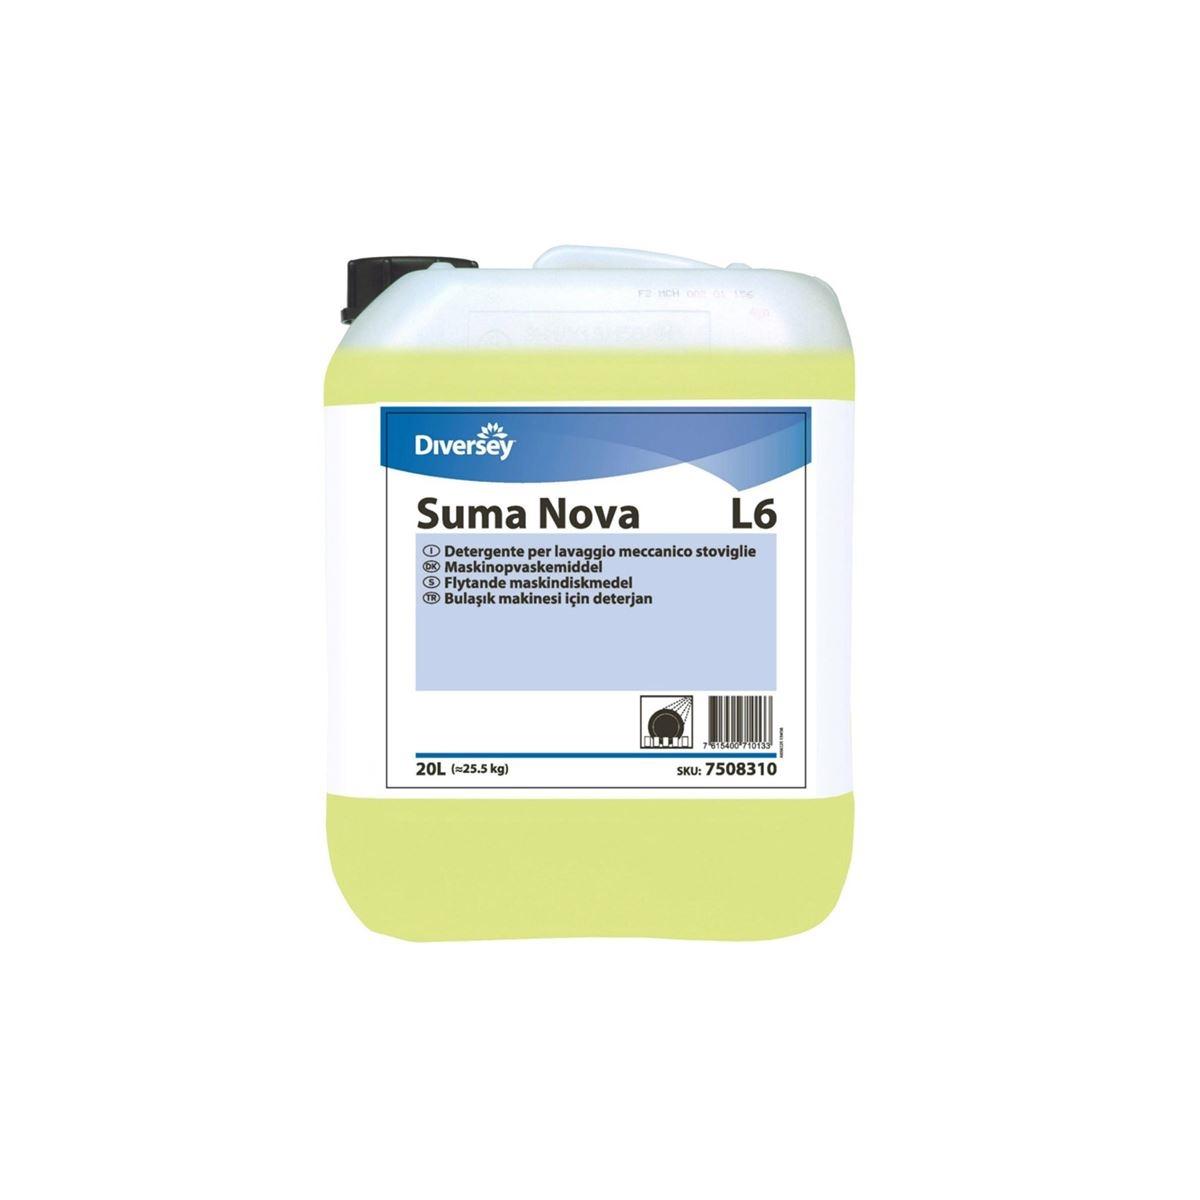 Diversey Suma Nova L6 Sert Sular İçin Bulaşık Makinesi Sıvı Deterjanı 23,30kg resmi